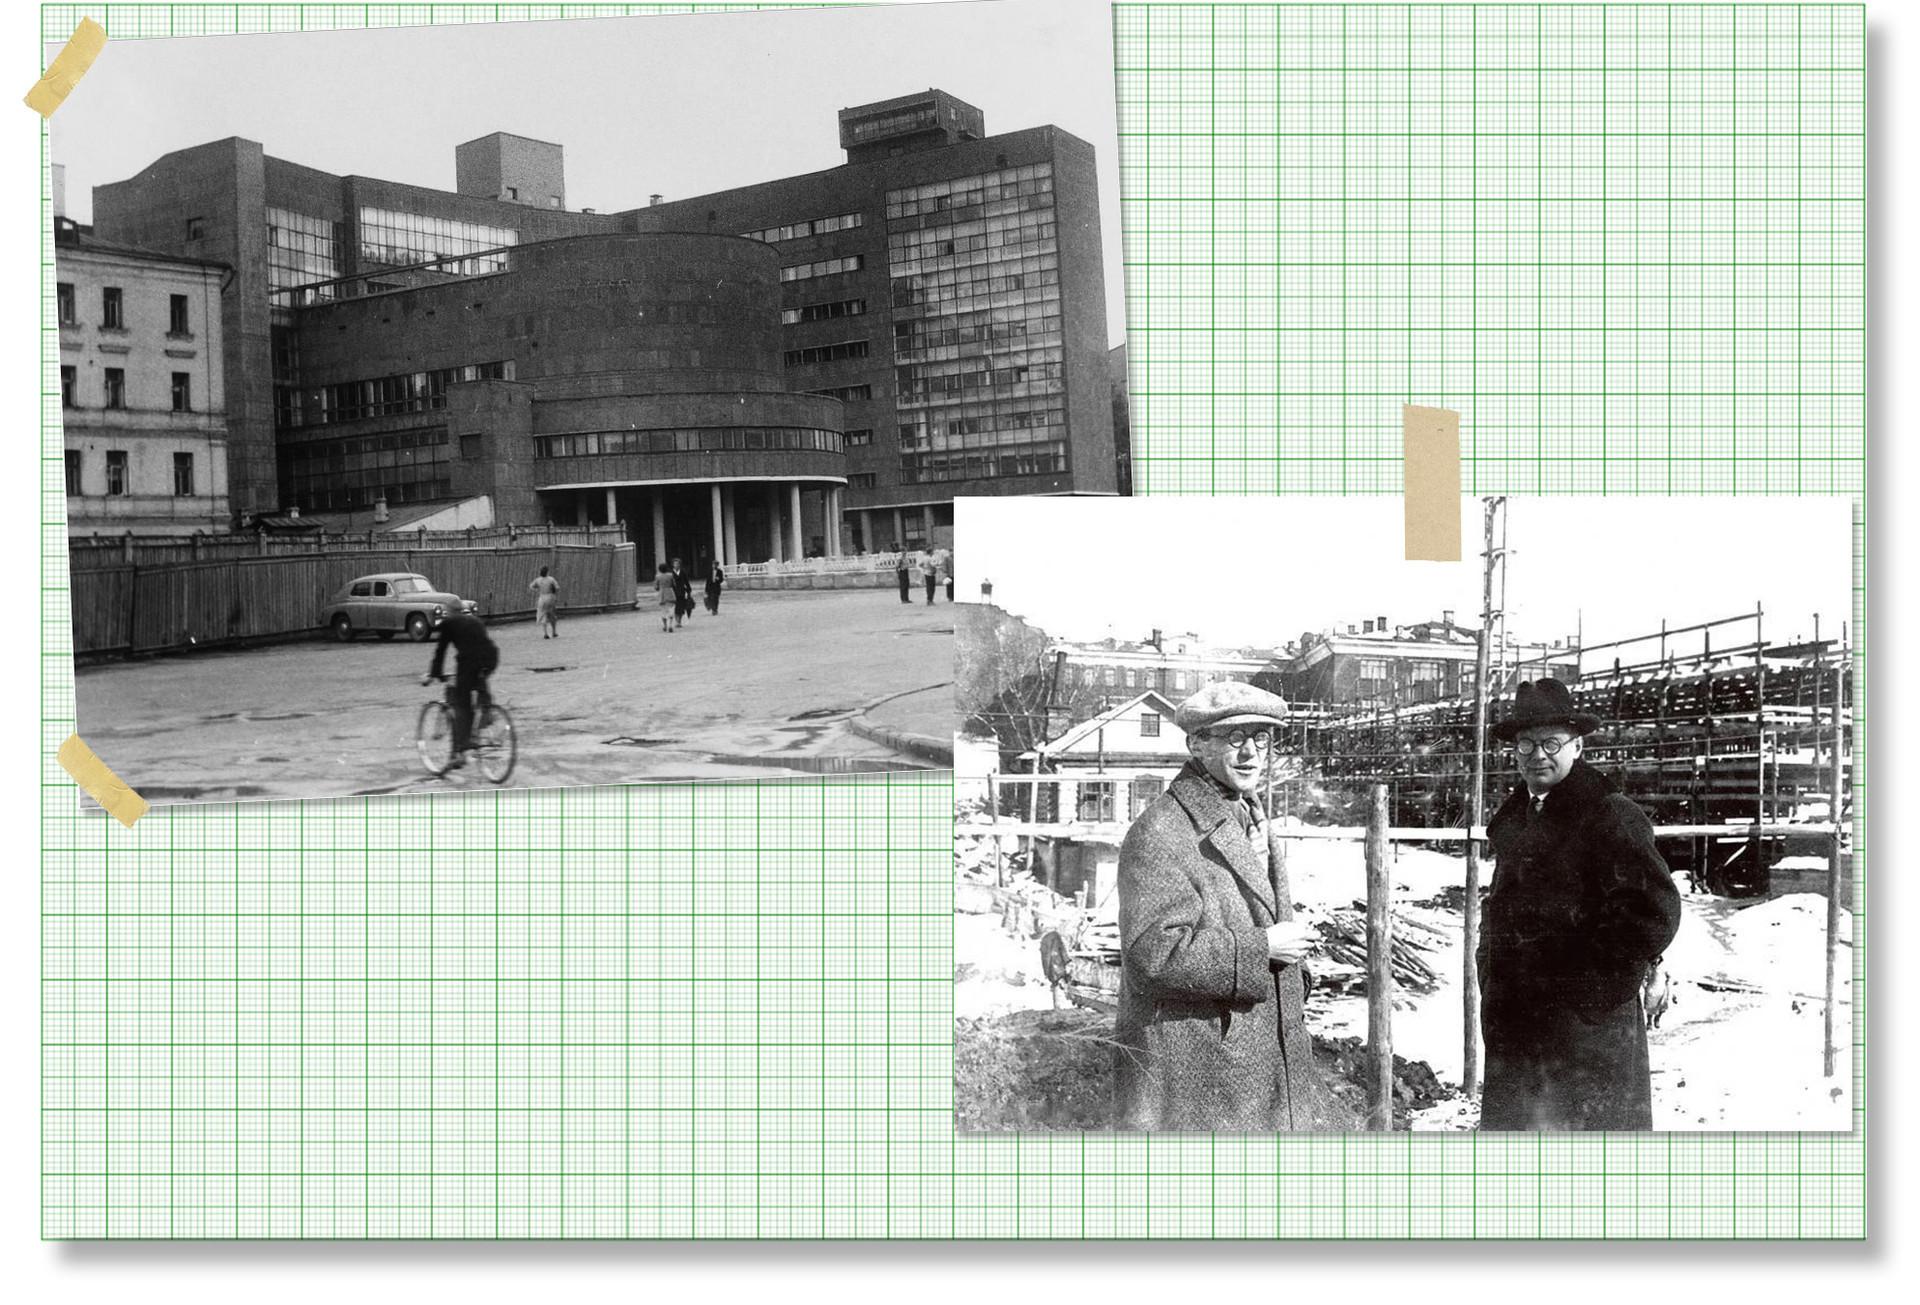 De gauche à droite : le Tsentrosoyouz à Moscou ; Le Corbusier et Nikolaï Kolli sur le chantier du Tsentrosoyouz, Moscou, mars 1931.